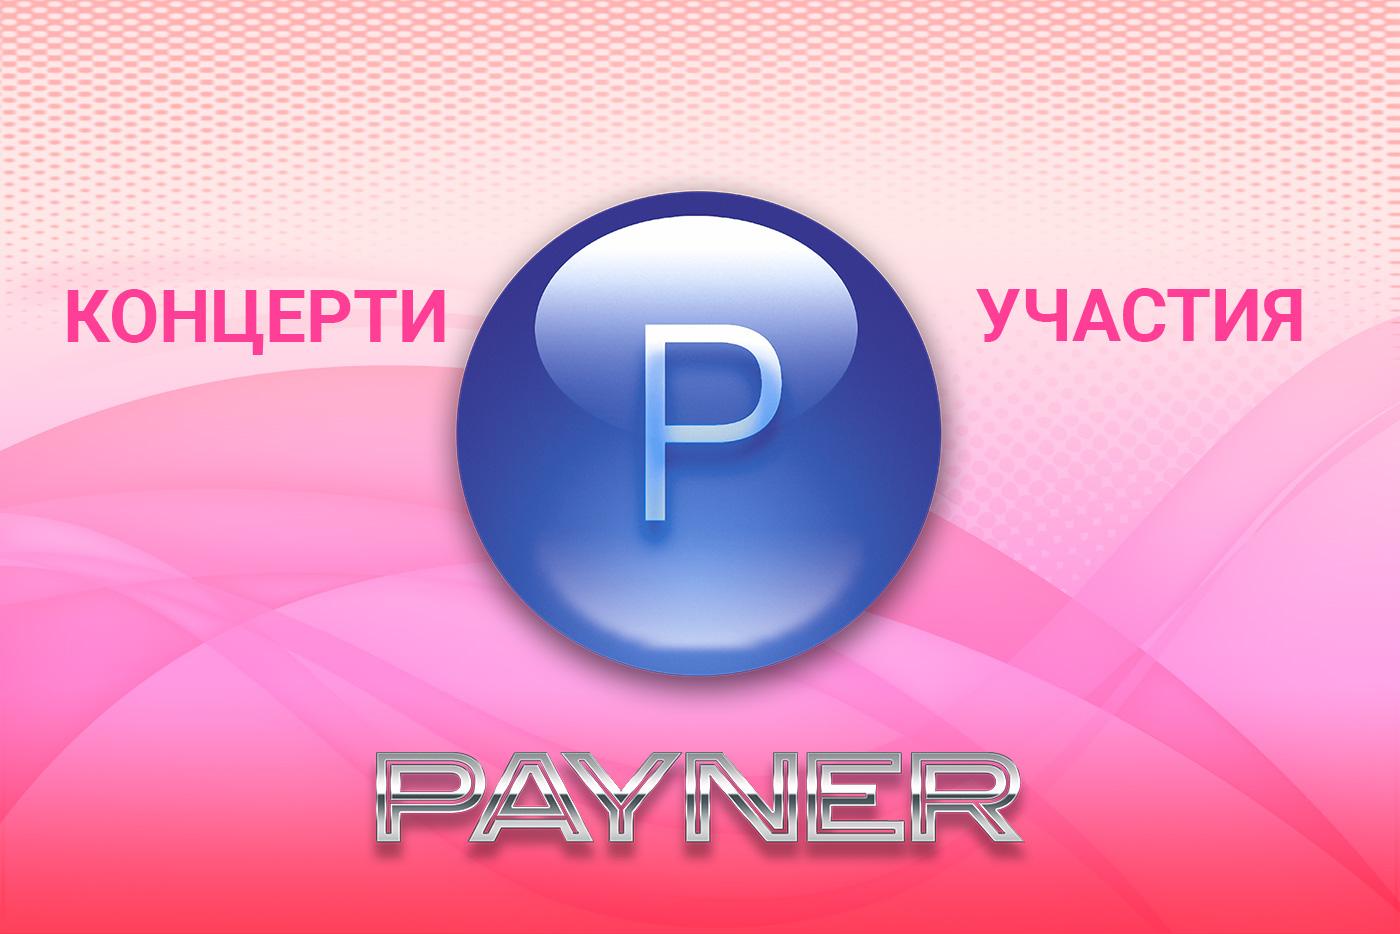 """Участия на звездите на """"Пайнер"""" на 19.03.2019"""